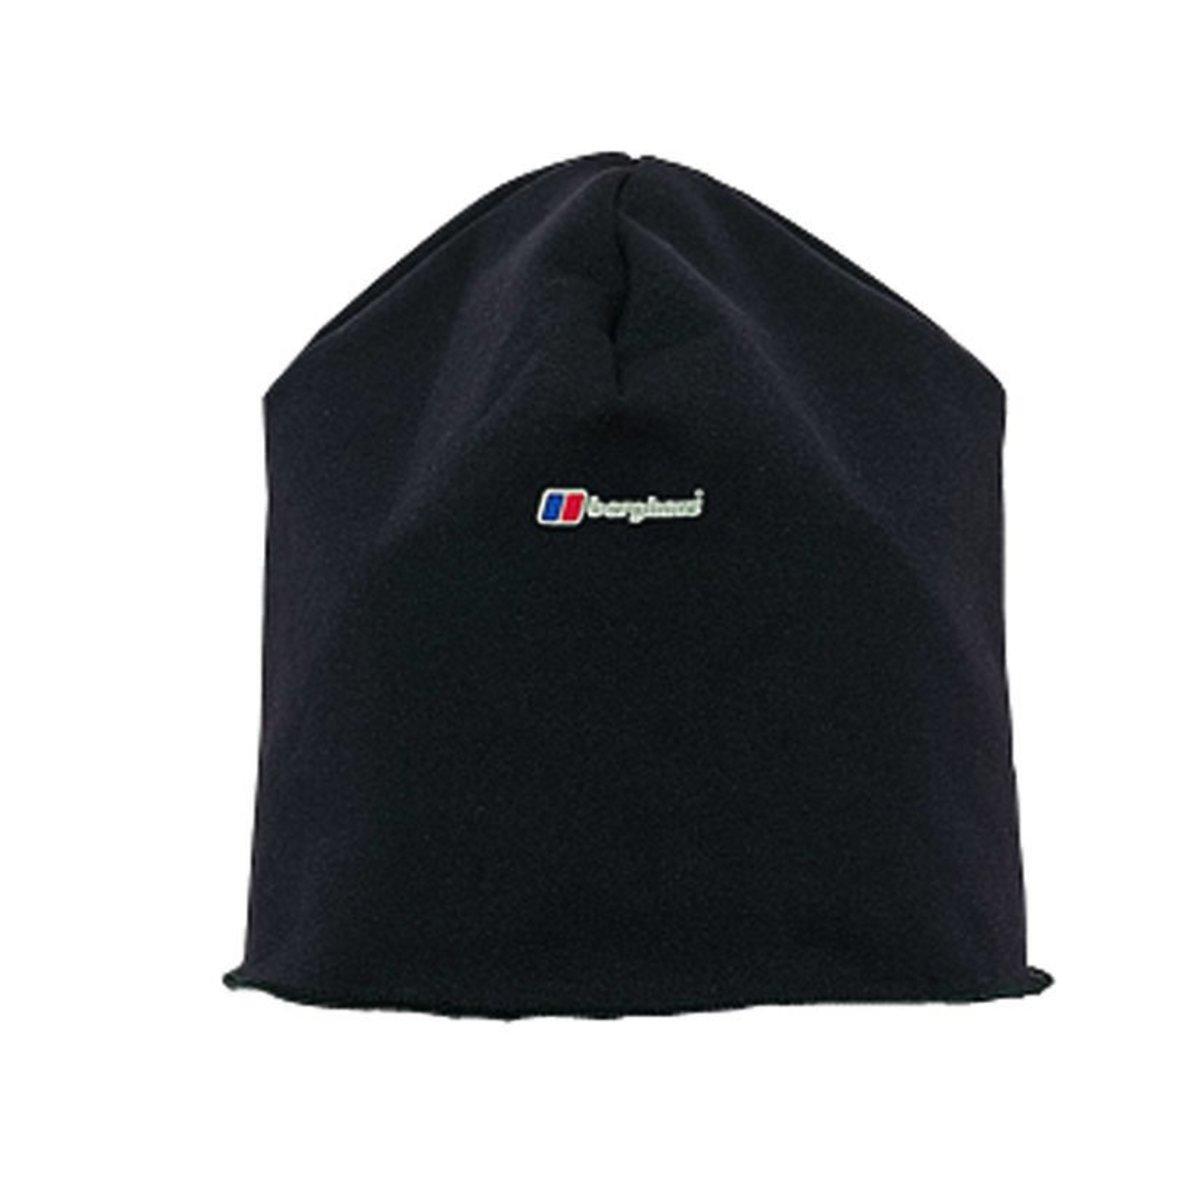 英國抓絨保暖帽 Powerstretch Beanie Am Blk/Blk